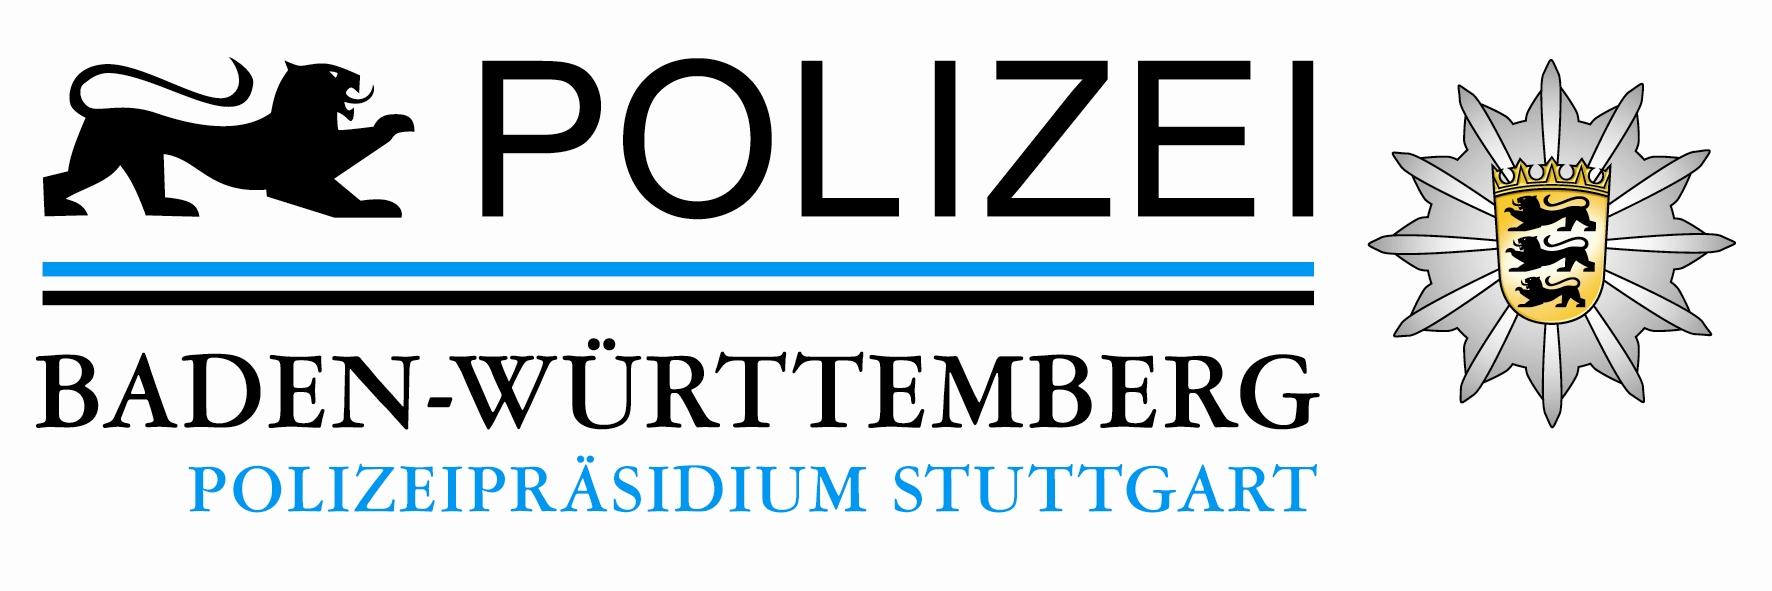 Polizeipräsidium Stuttgart